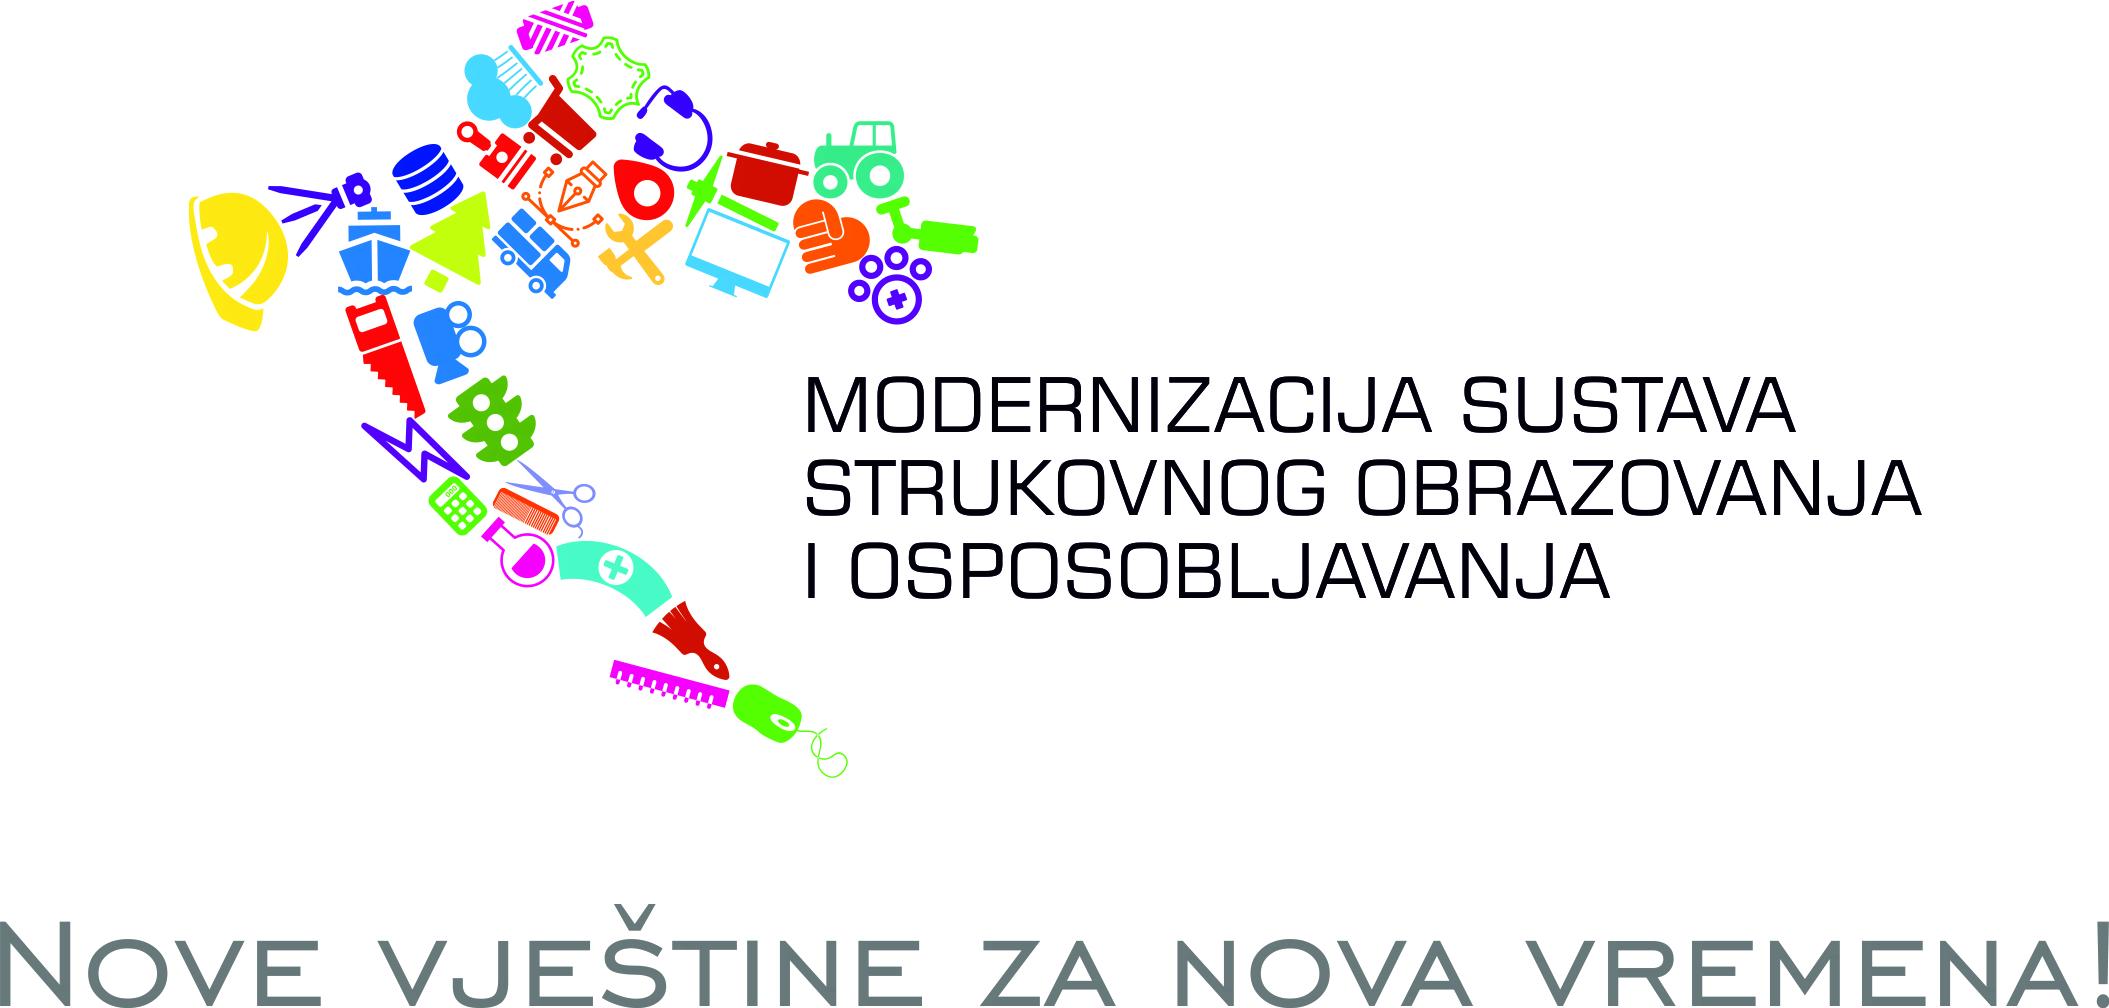 """Objavljeni Javni pozivi za prijavu kandidata za koordinatore i članove Radnih skupina za izradu sektorskog kurikuluma i strukovnih kurikuluma u okviru ESF projekta """"Modernizacija sustava strukovnog obrazovanja i osposobljavanja"""""""